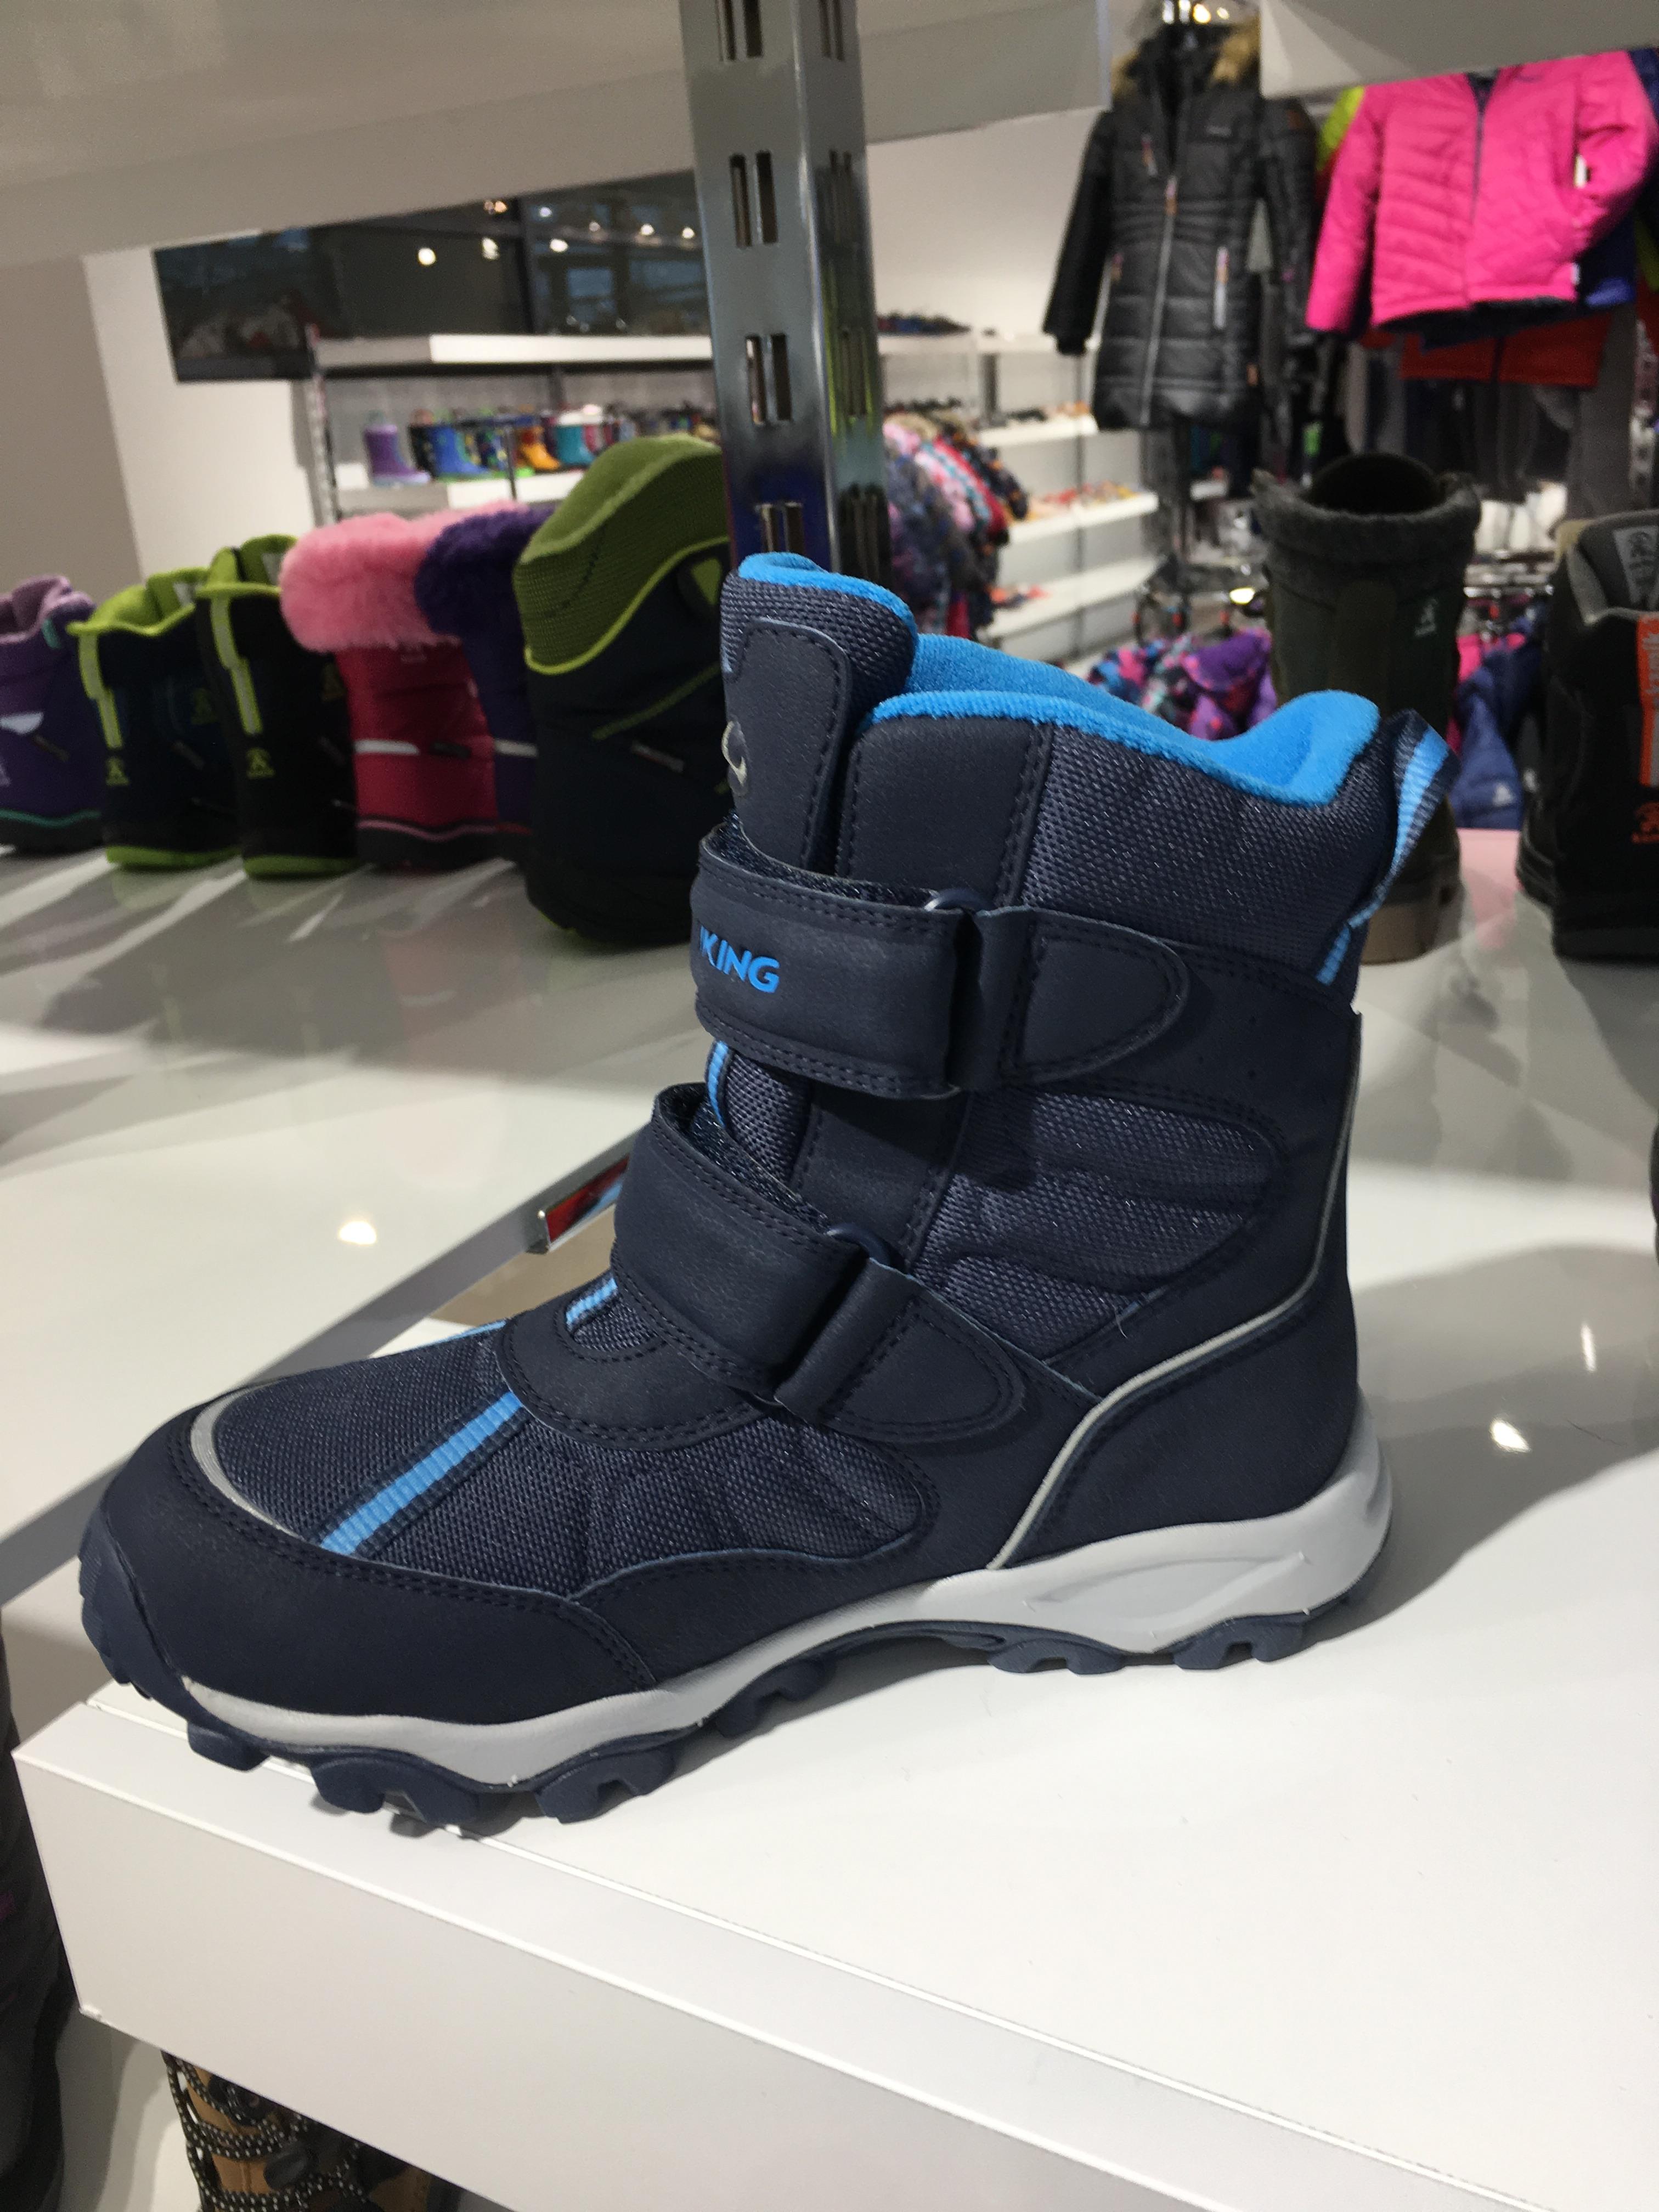 интернет - магазин детская обувь Викинг, купить обувь Viking со скидкой